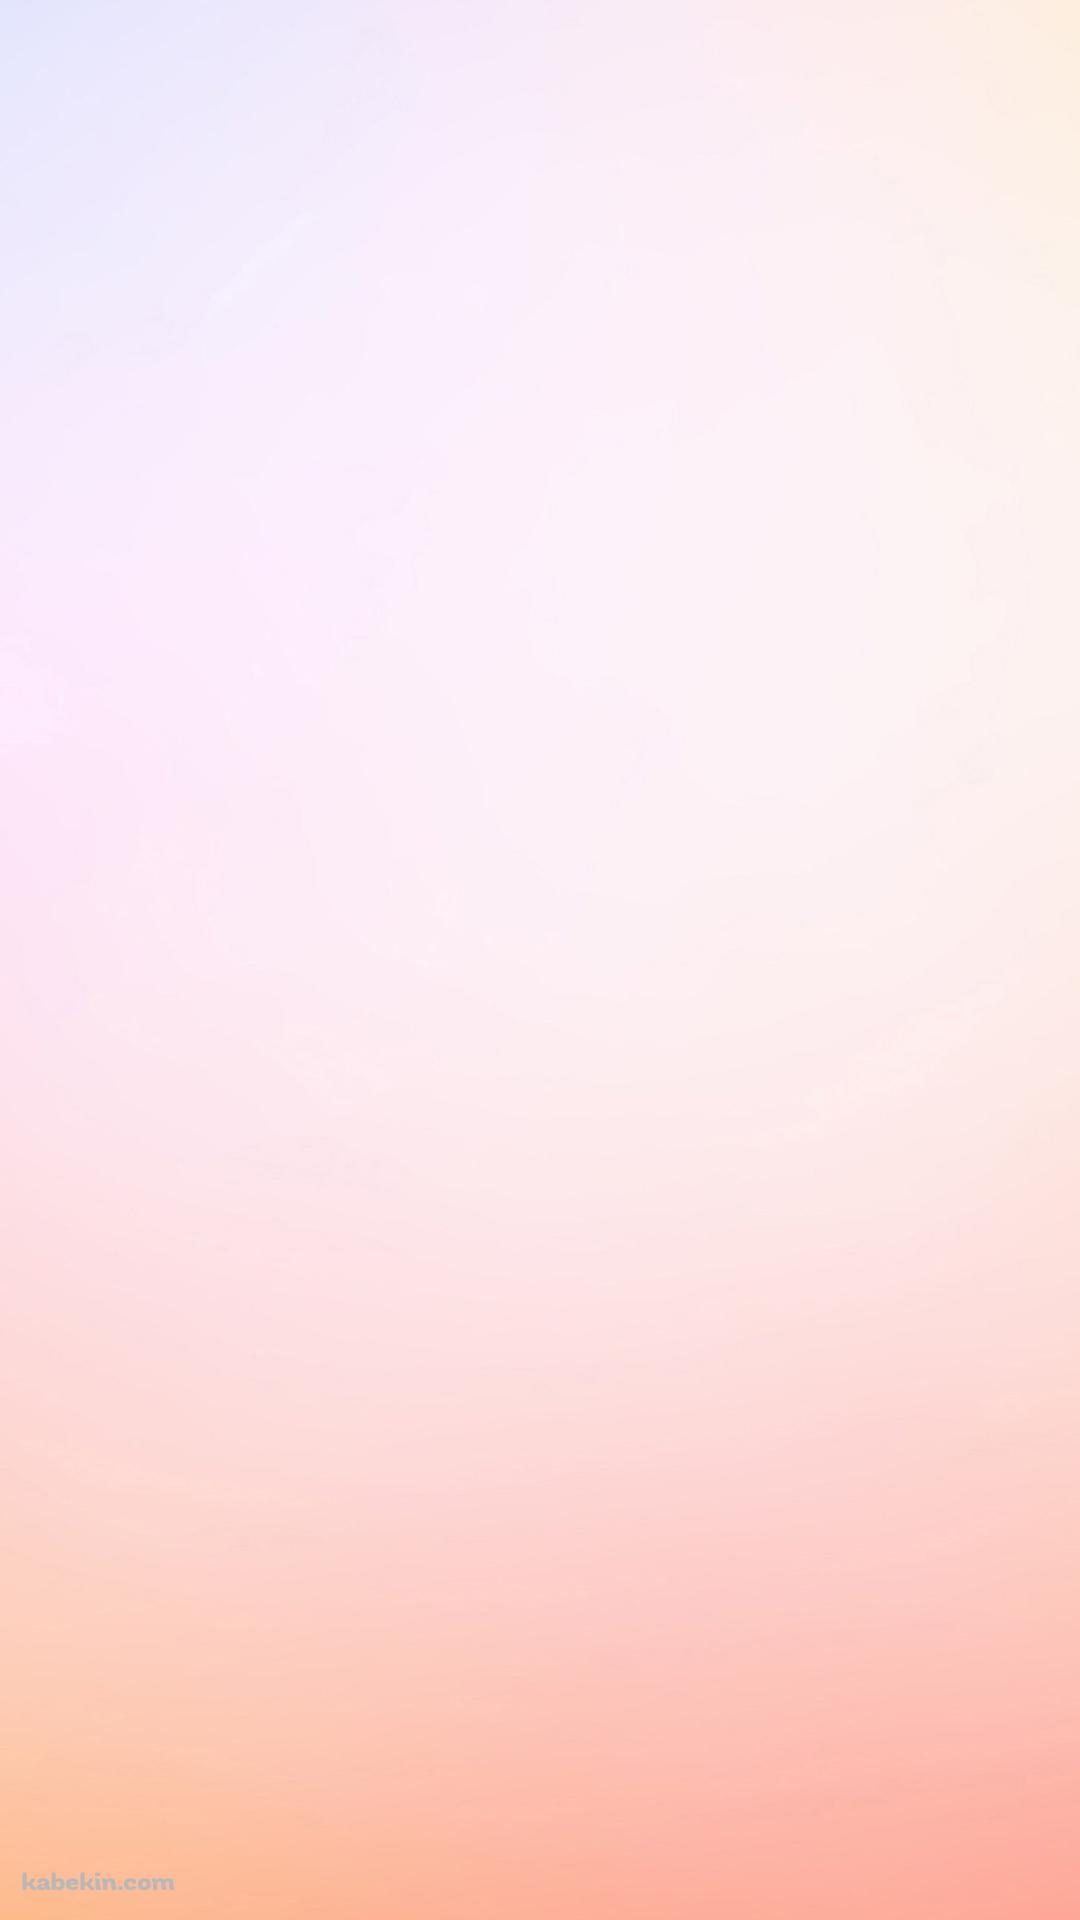 淡いピンクのグラデーションのandroid壁紙 1080 X 1920 壁紙